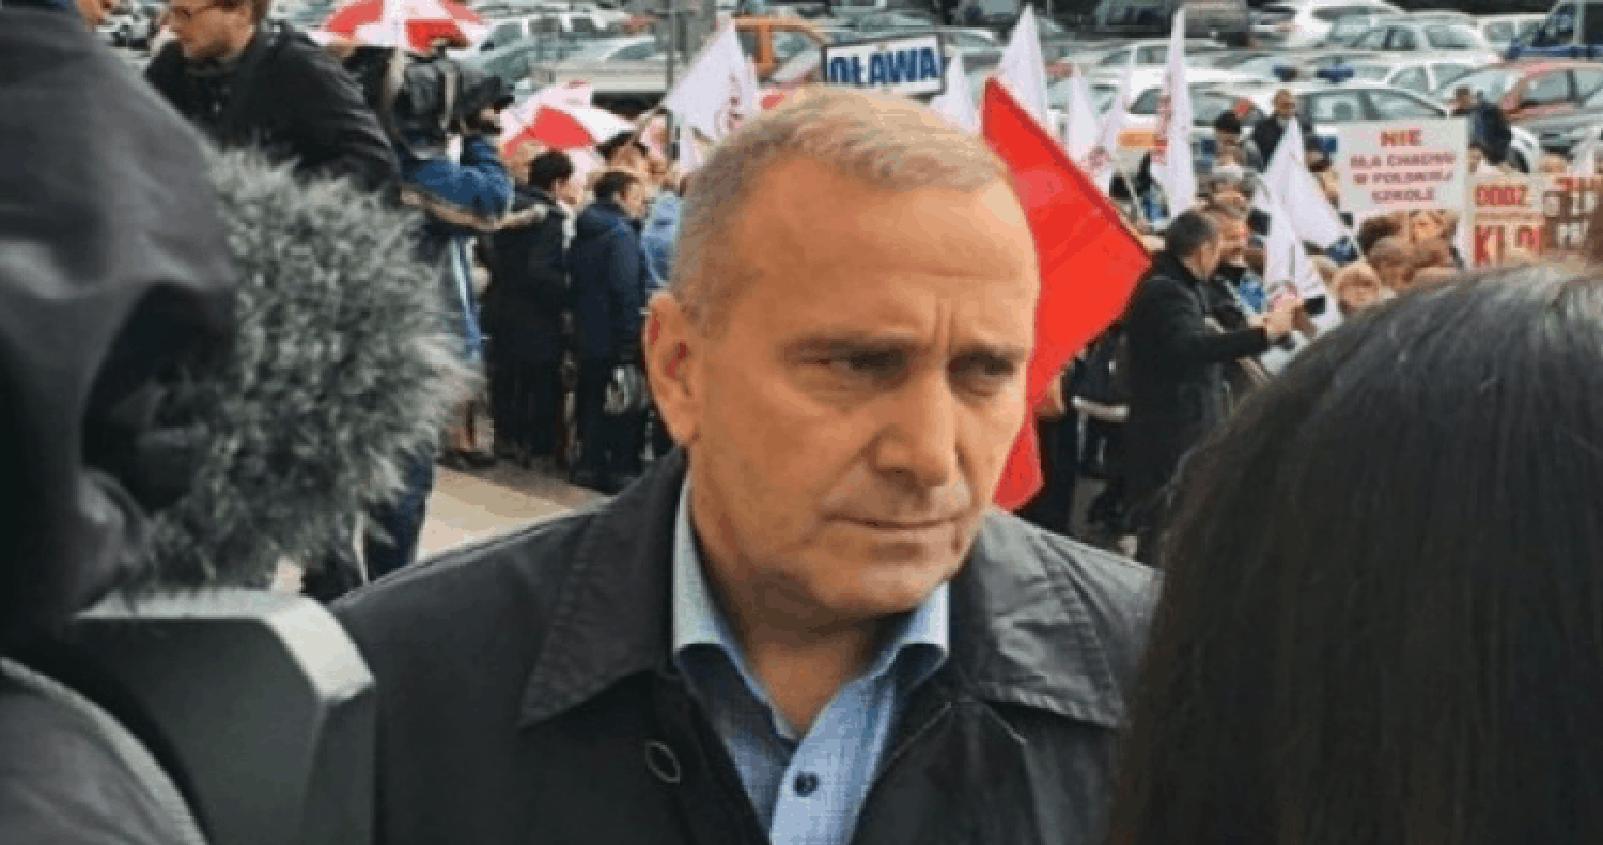 Bogdan Zdrojewski wkracza do walki o fotel lidera Paltformy Obywatelskiej (PO). Czy Grzegorz Schetyna i jego władza w partii są zagrożone?